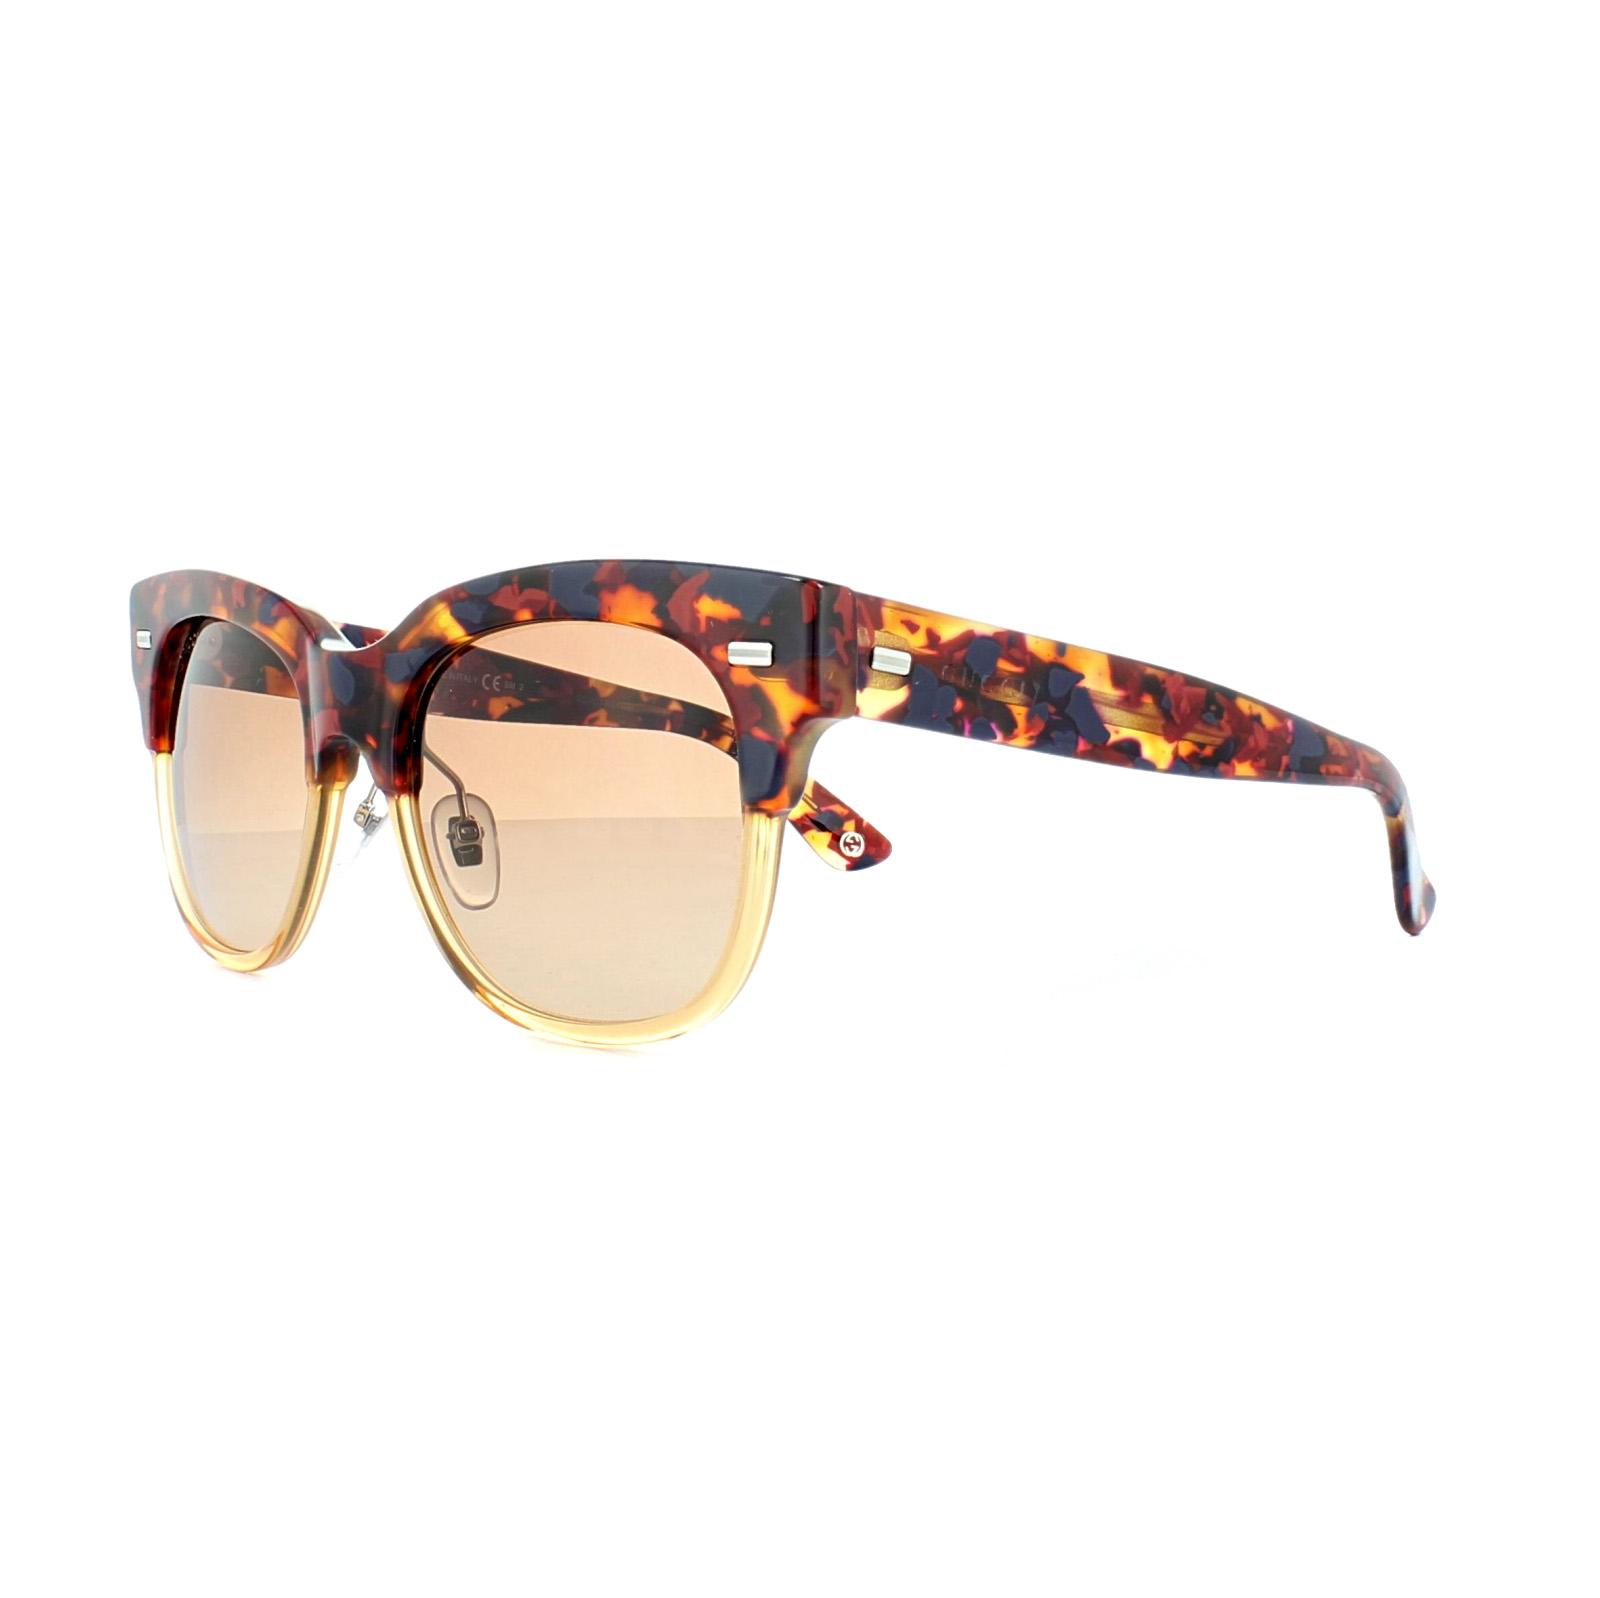 Gucci Gafas de sol 3744 XC4 63 ROJO HAVANA MARRÓN MIEL DEGRADADO | eBay